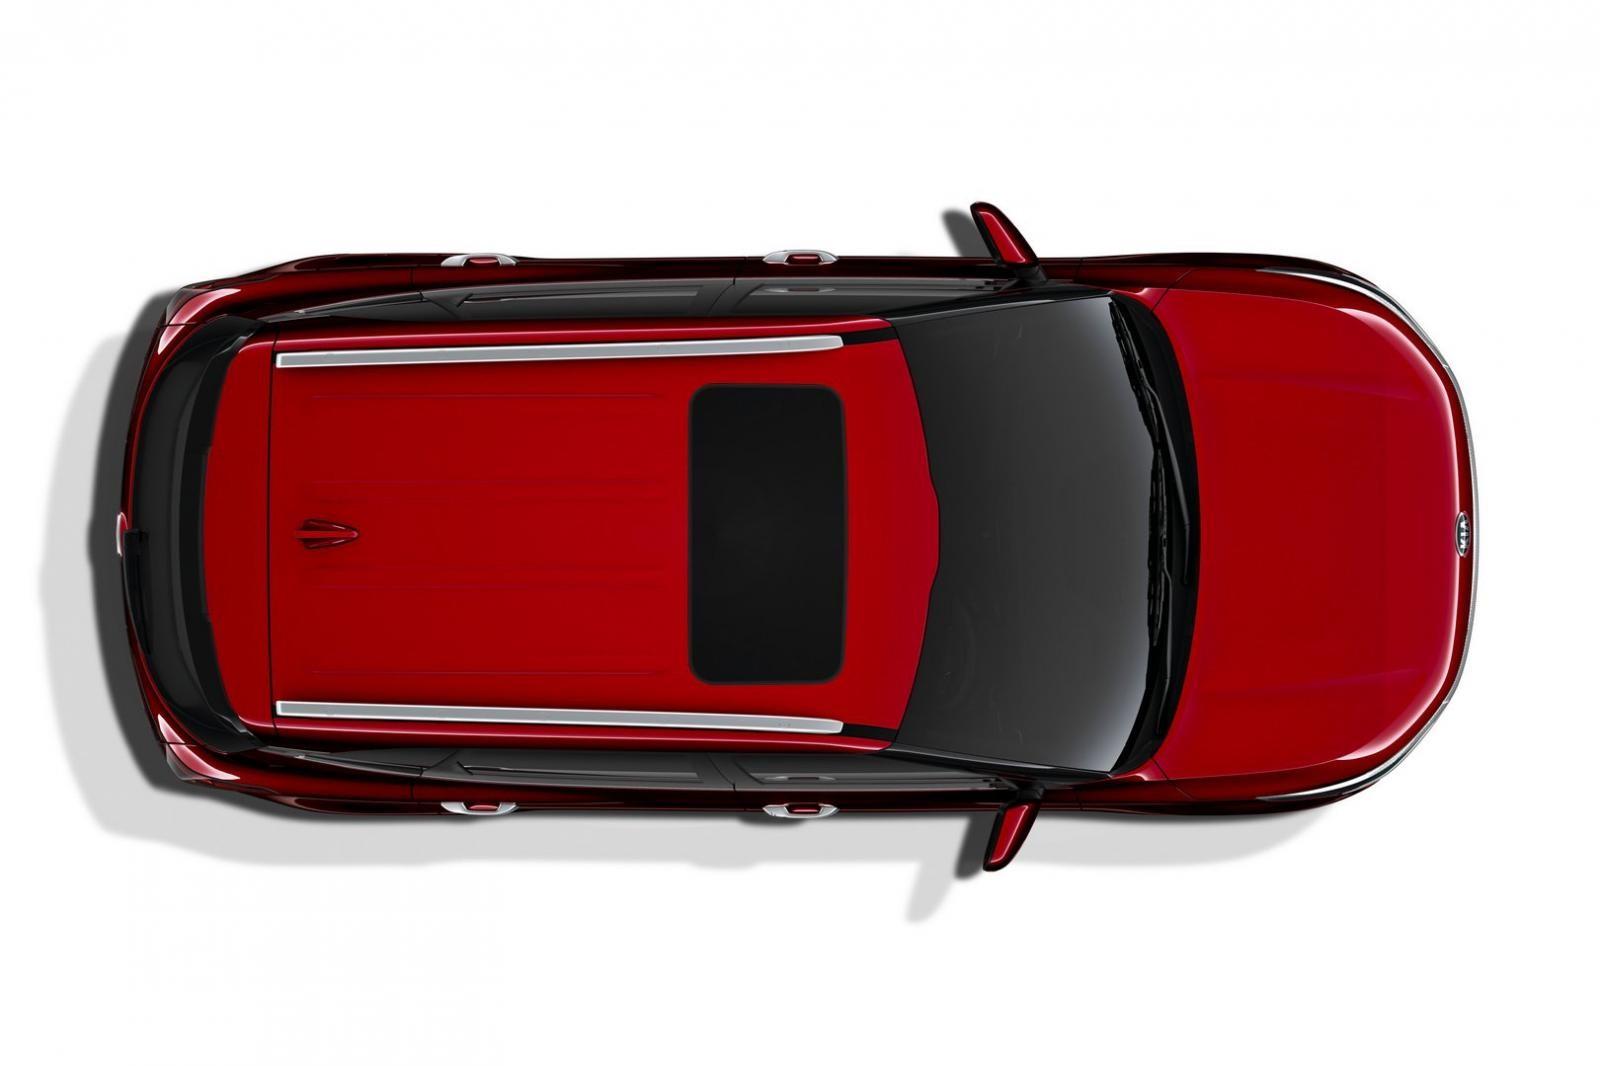 Kia Seltos 2020 bản cao cấp sẽ có cửa sổ trời